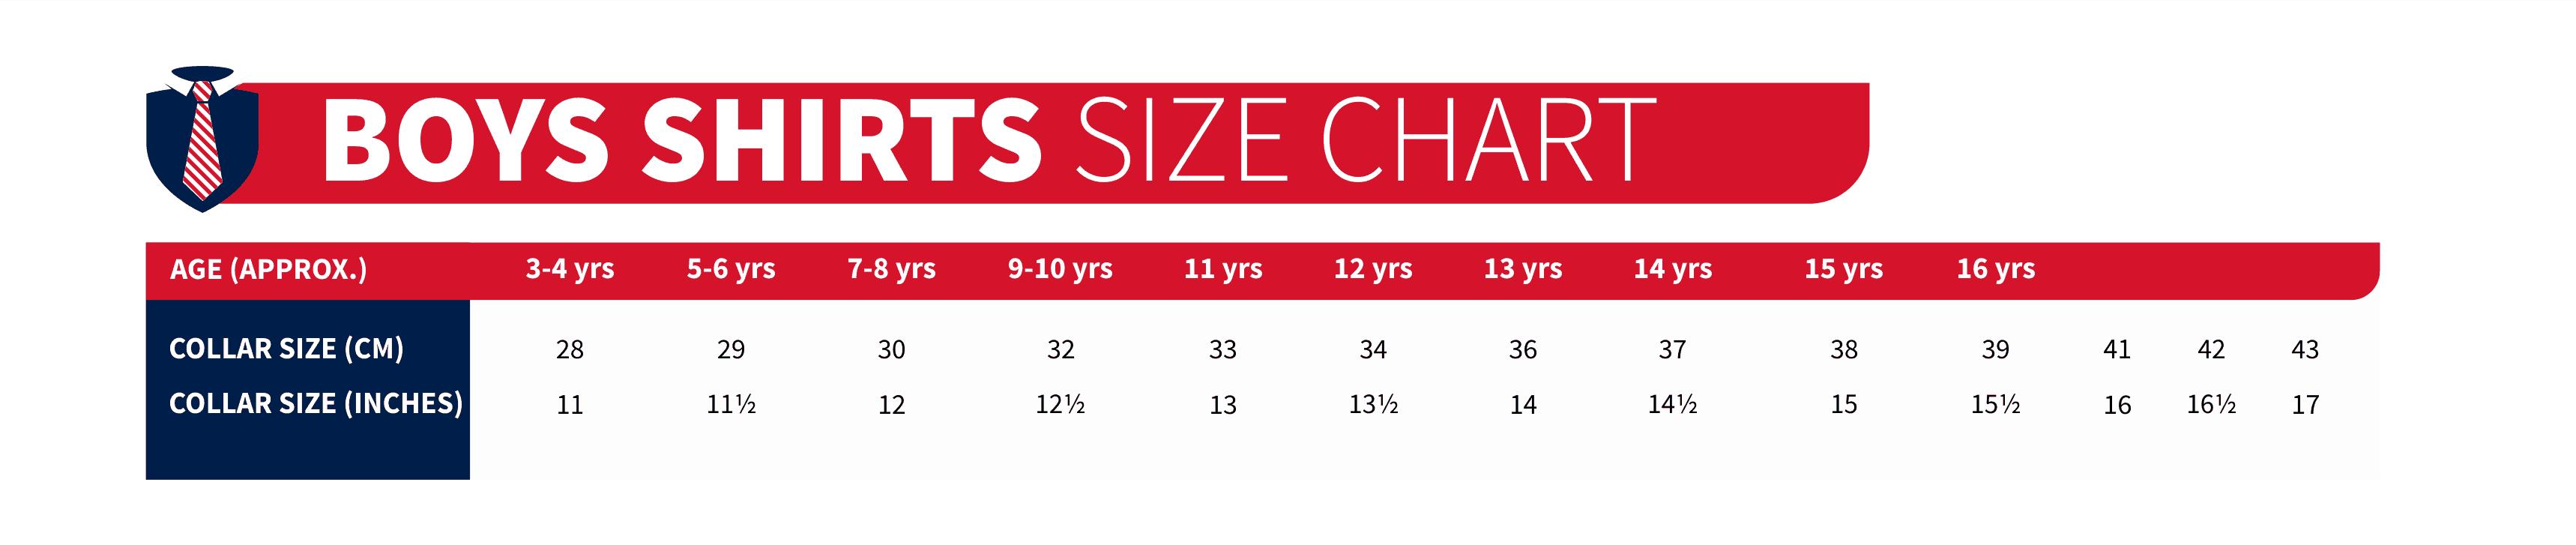 boys shirts size charts